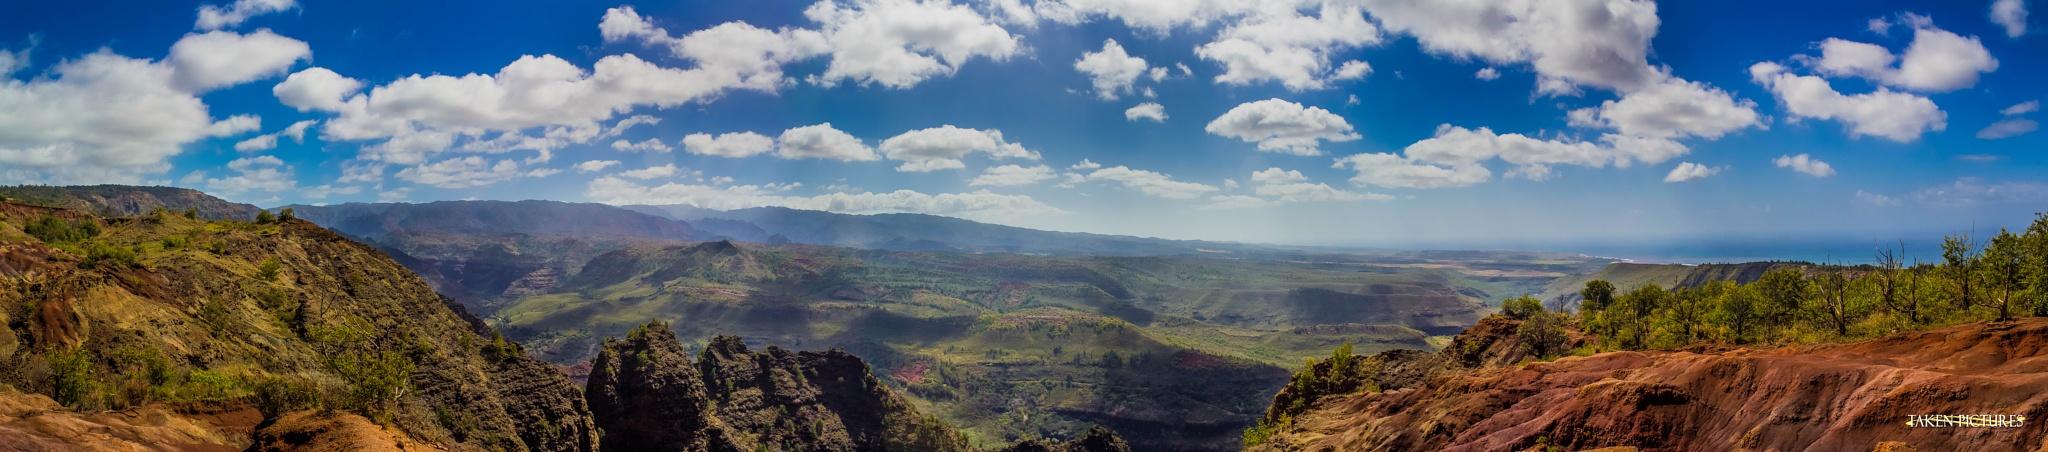 Canyon Panoramic by Richard Taken